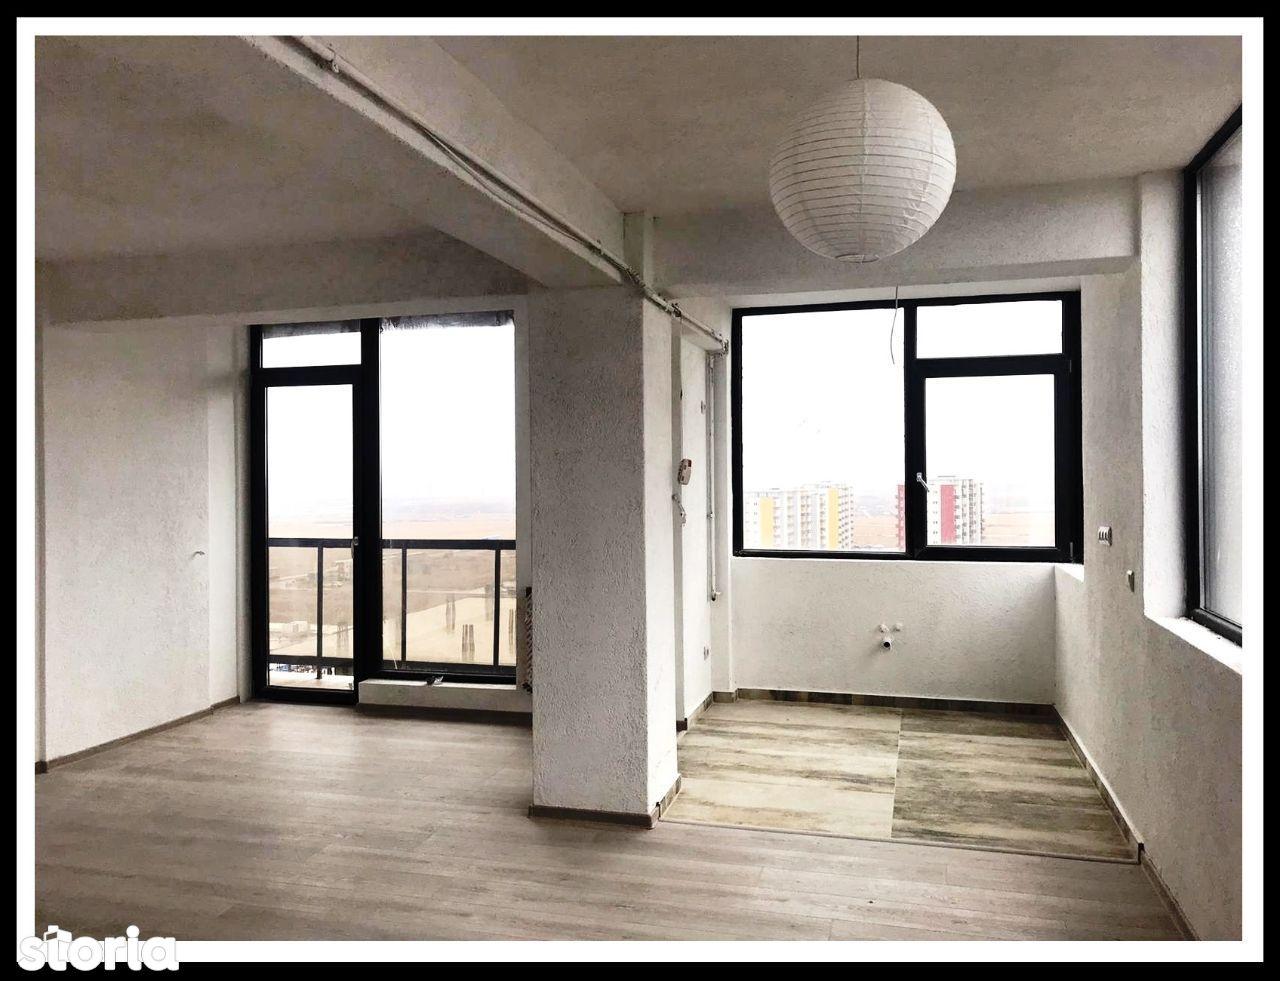 88,50 mp, Apartament 3 camere finisat si insorit. zona Mihai Viteazu